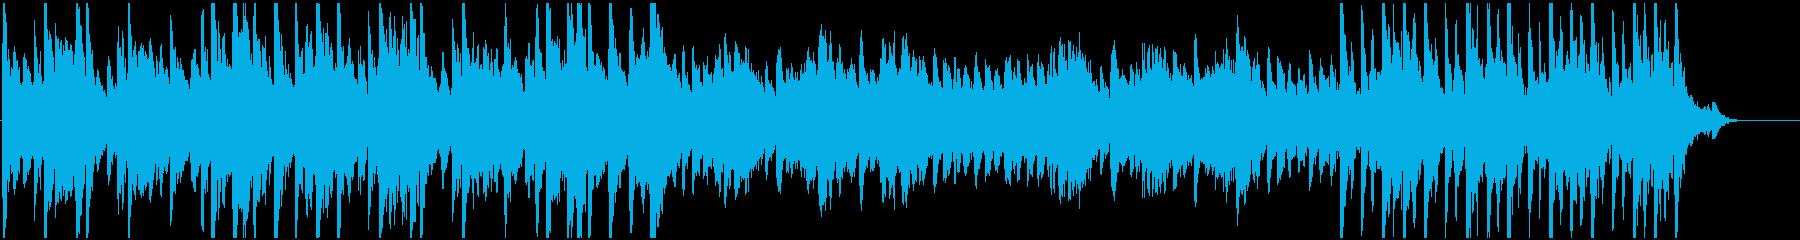 睡眠・ヒーリング・リラックス・夜・ピアノの再生済みの波形